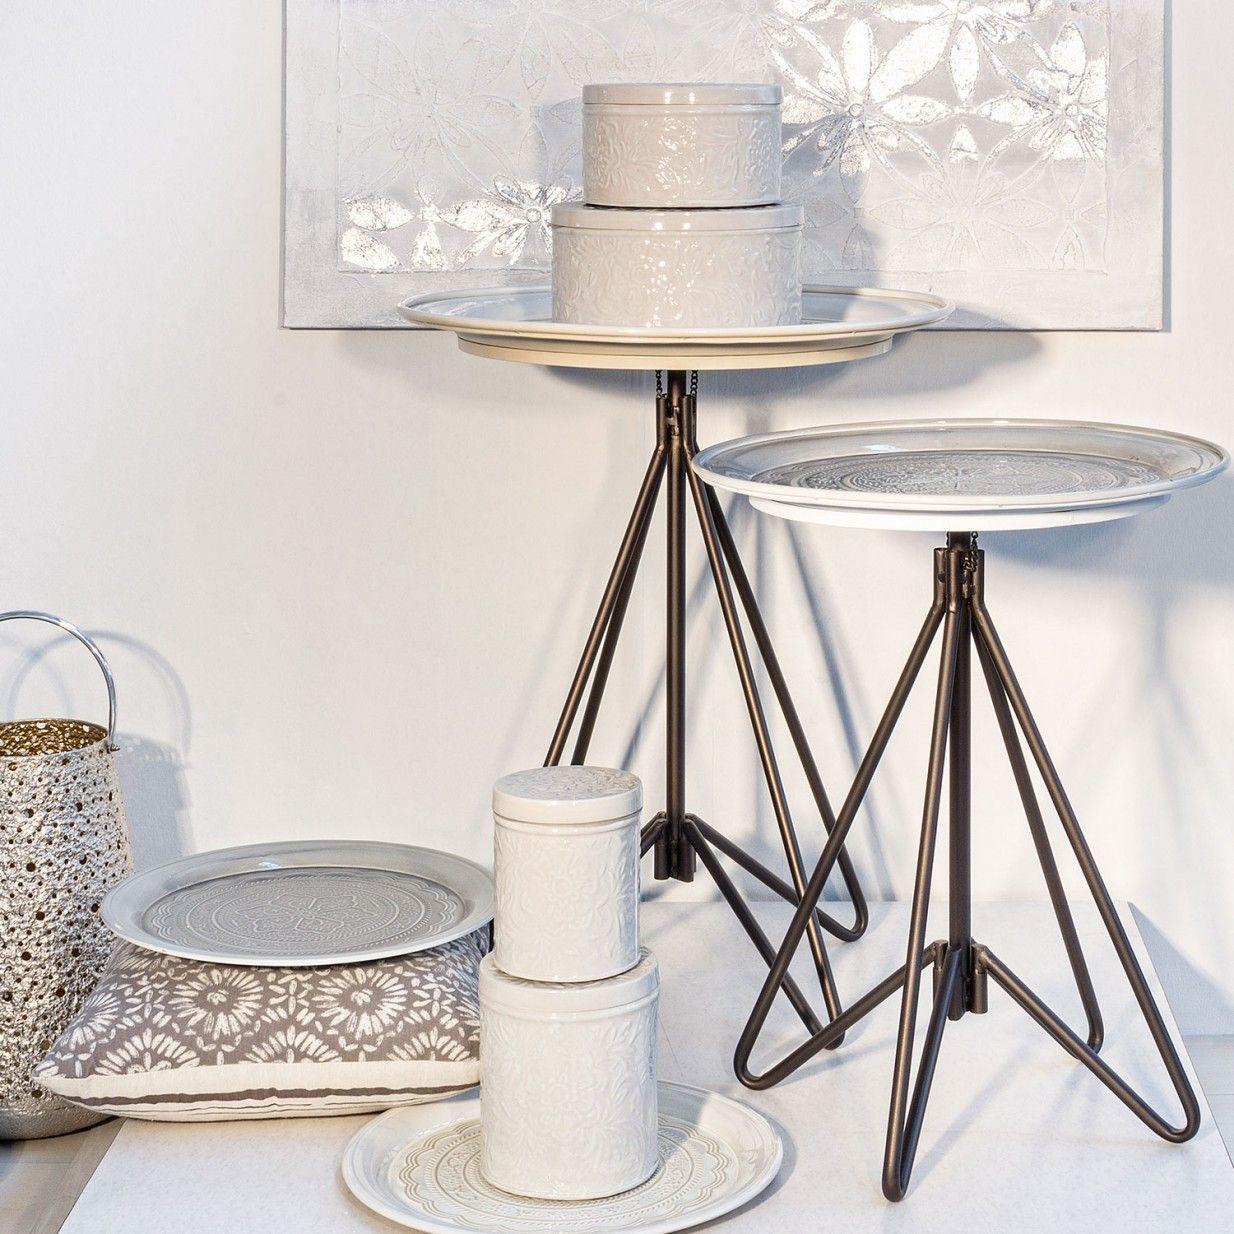 Kamila Beistelltisch I Bizzotto Mediterranes Flair Trifft Industrial Design Das Italienische Label Bizzotto Beweist Mit D Beistelltisch Beistelltische Tisch